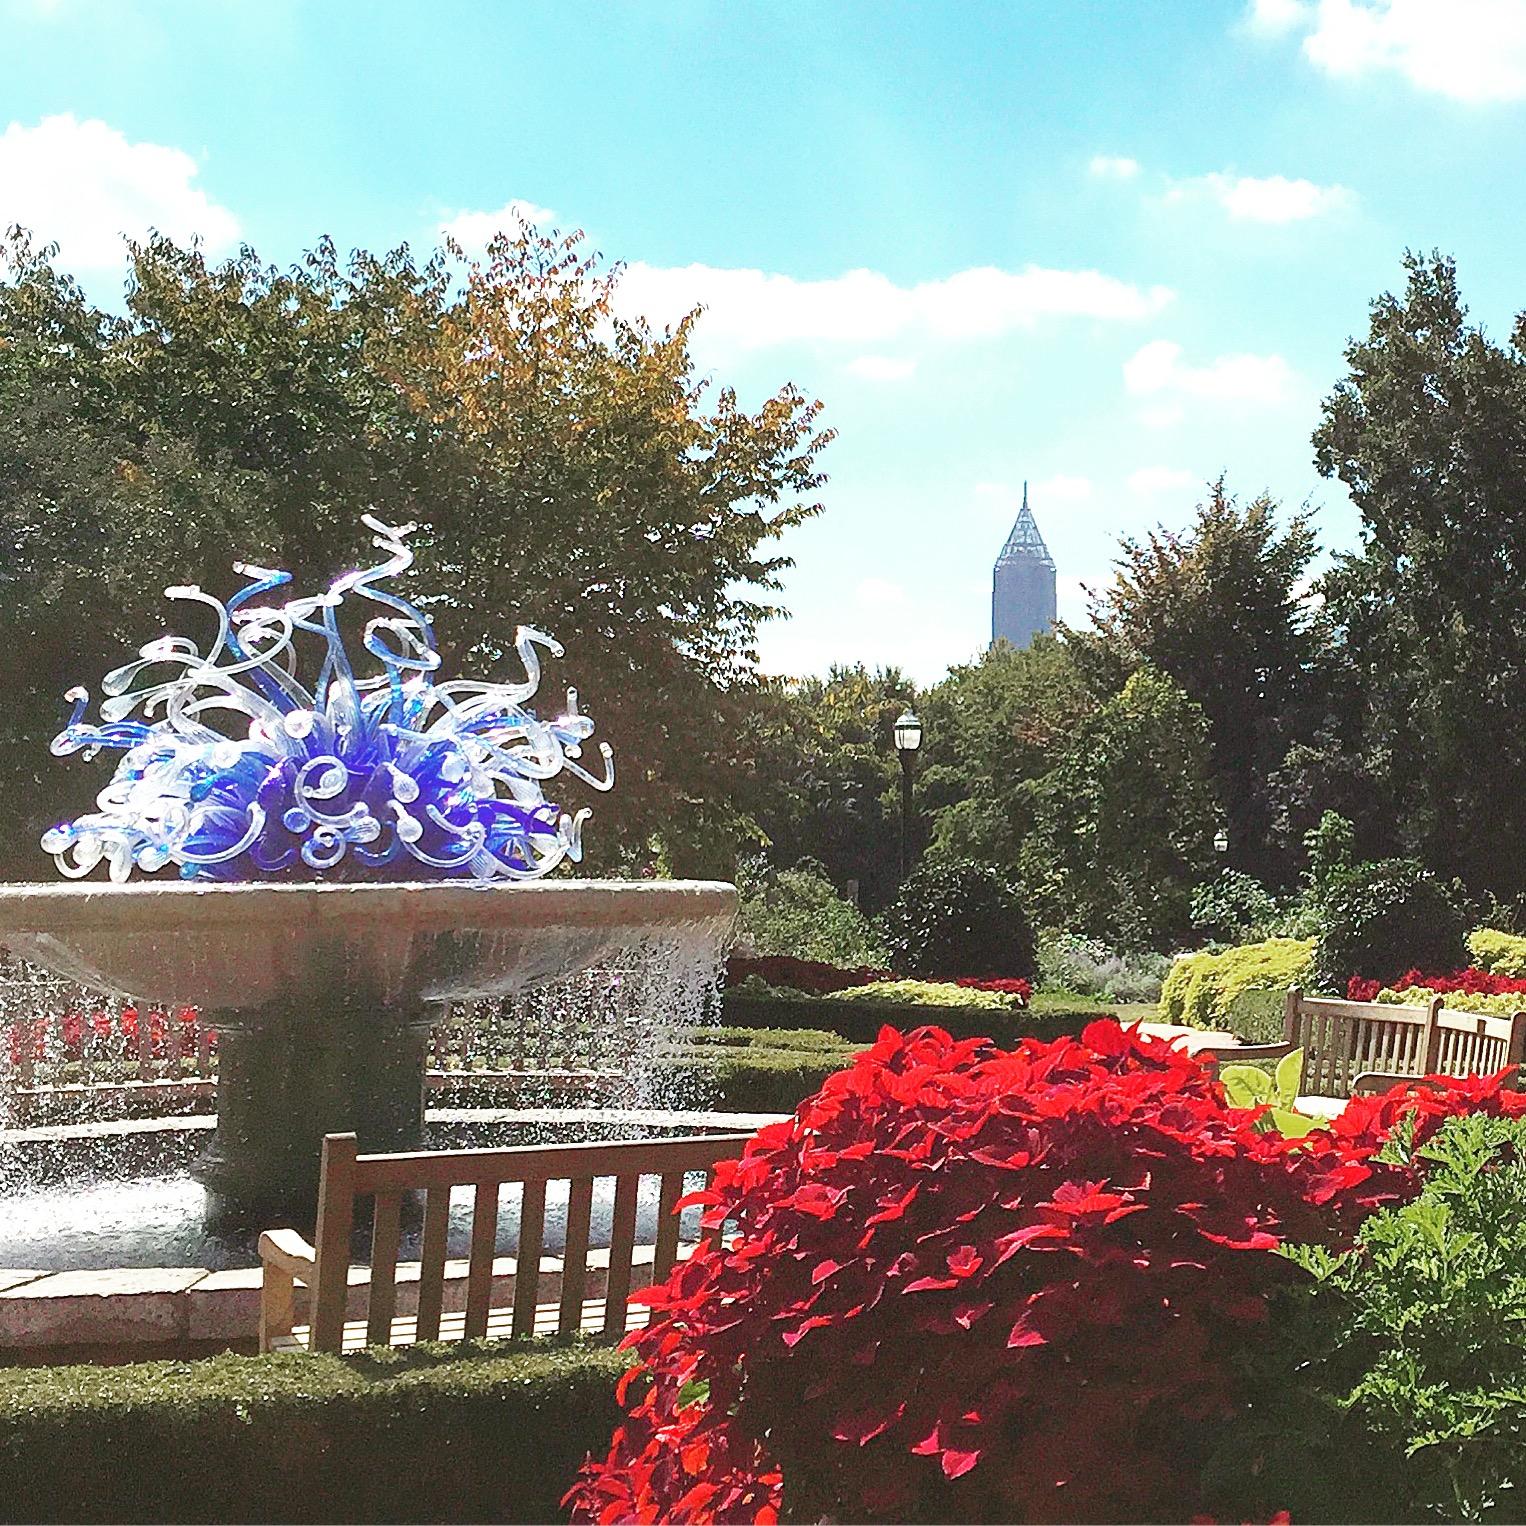 Atlanta Botanical Garden Skyline Gardens: Magnolia Mamas : Atlanta Attractions: Atlanta Botanical